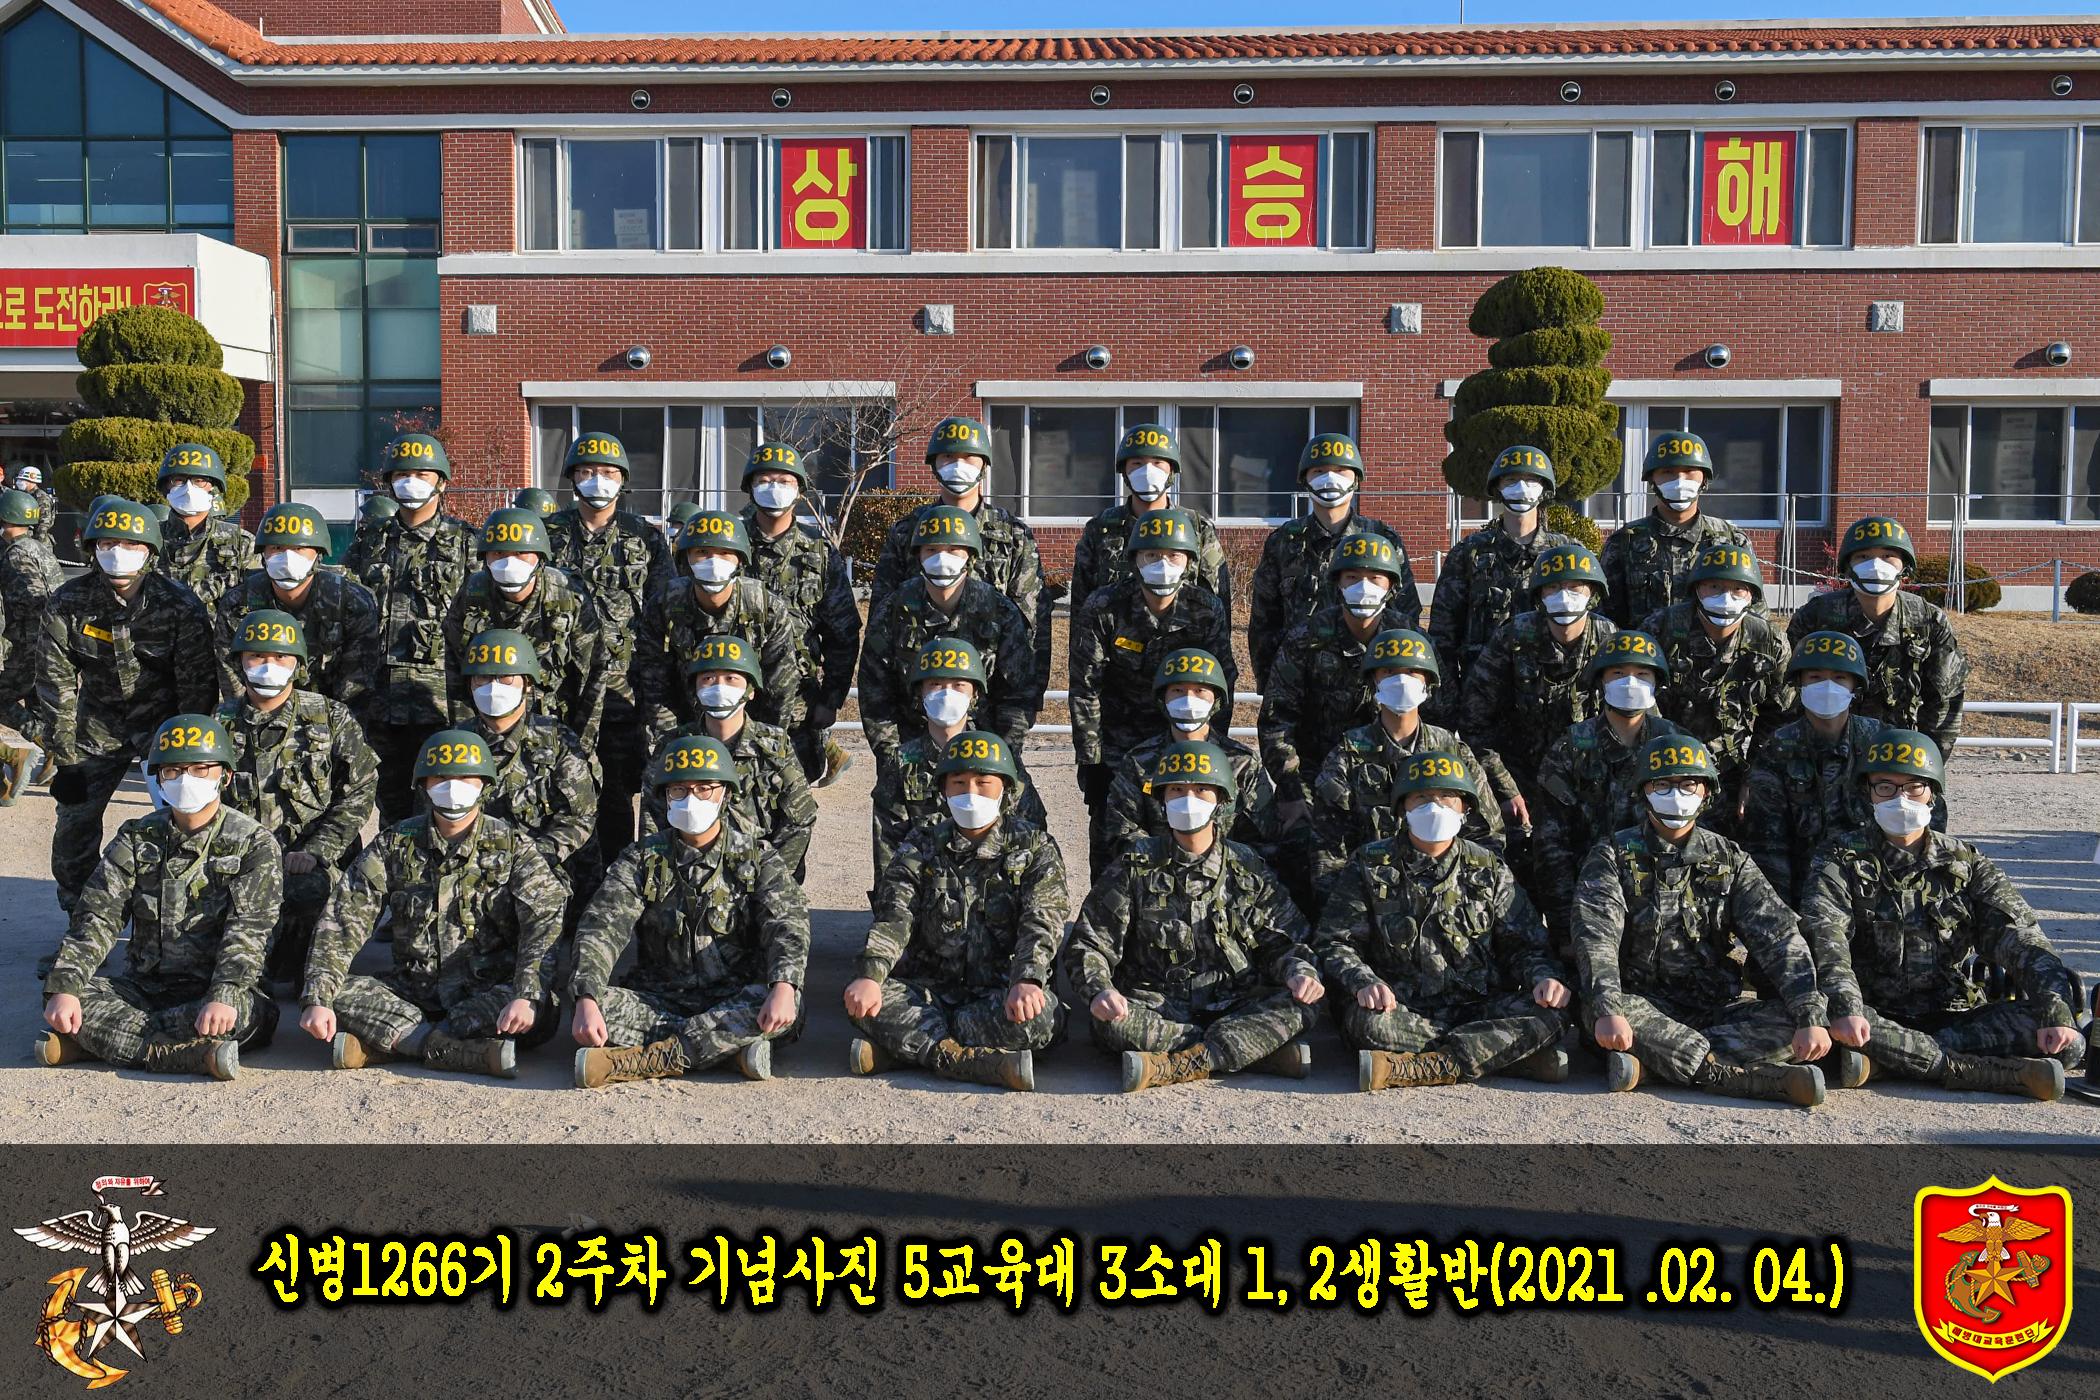 해병대 신병 1266기 5교육대 3주차 생활반 사진 5.jpg